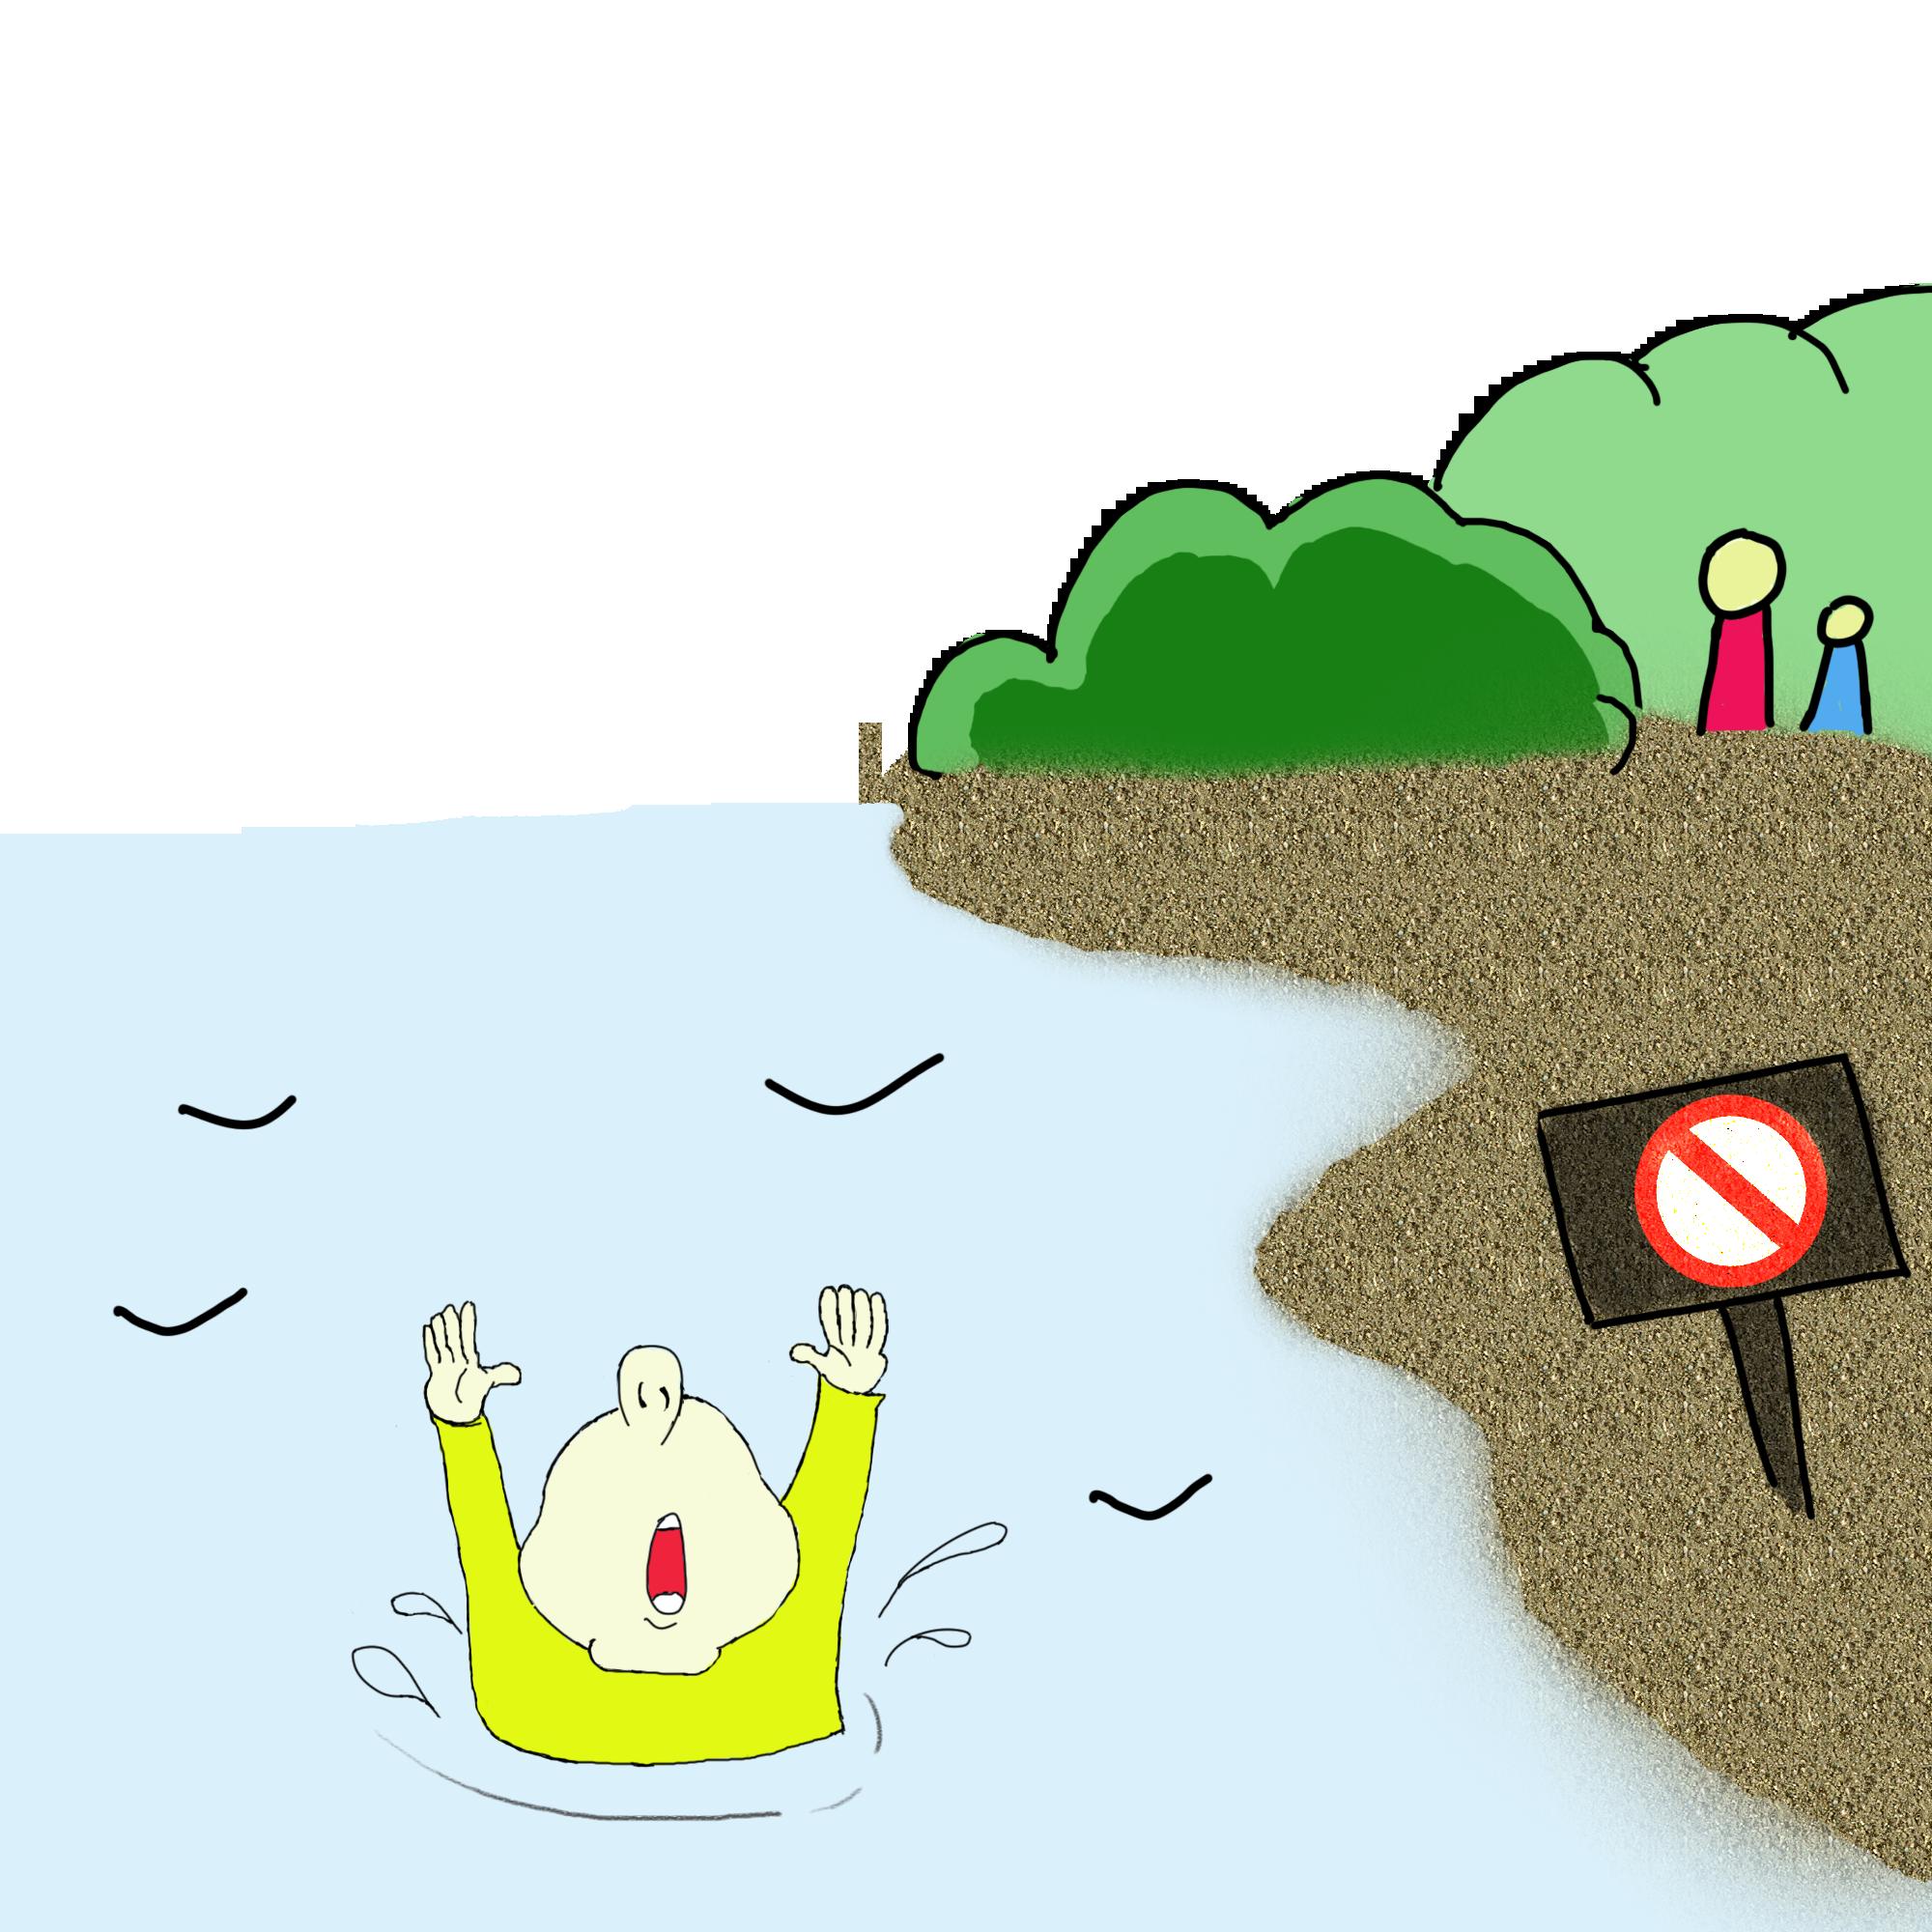 预防溺水教育系列一 | 莫让监管真空出现